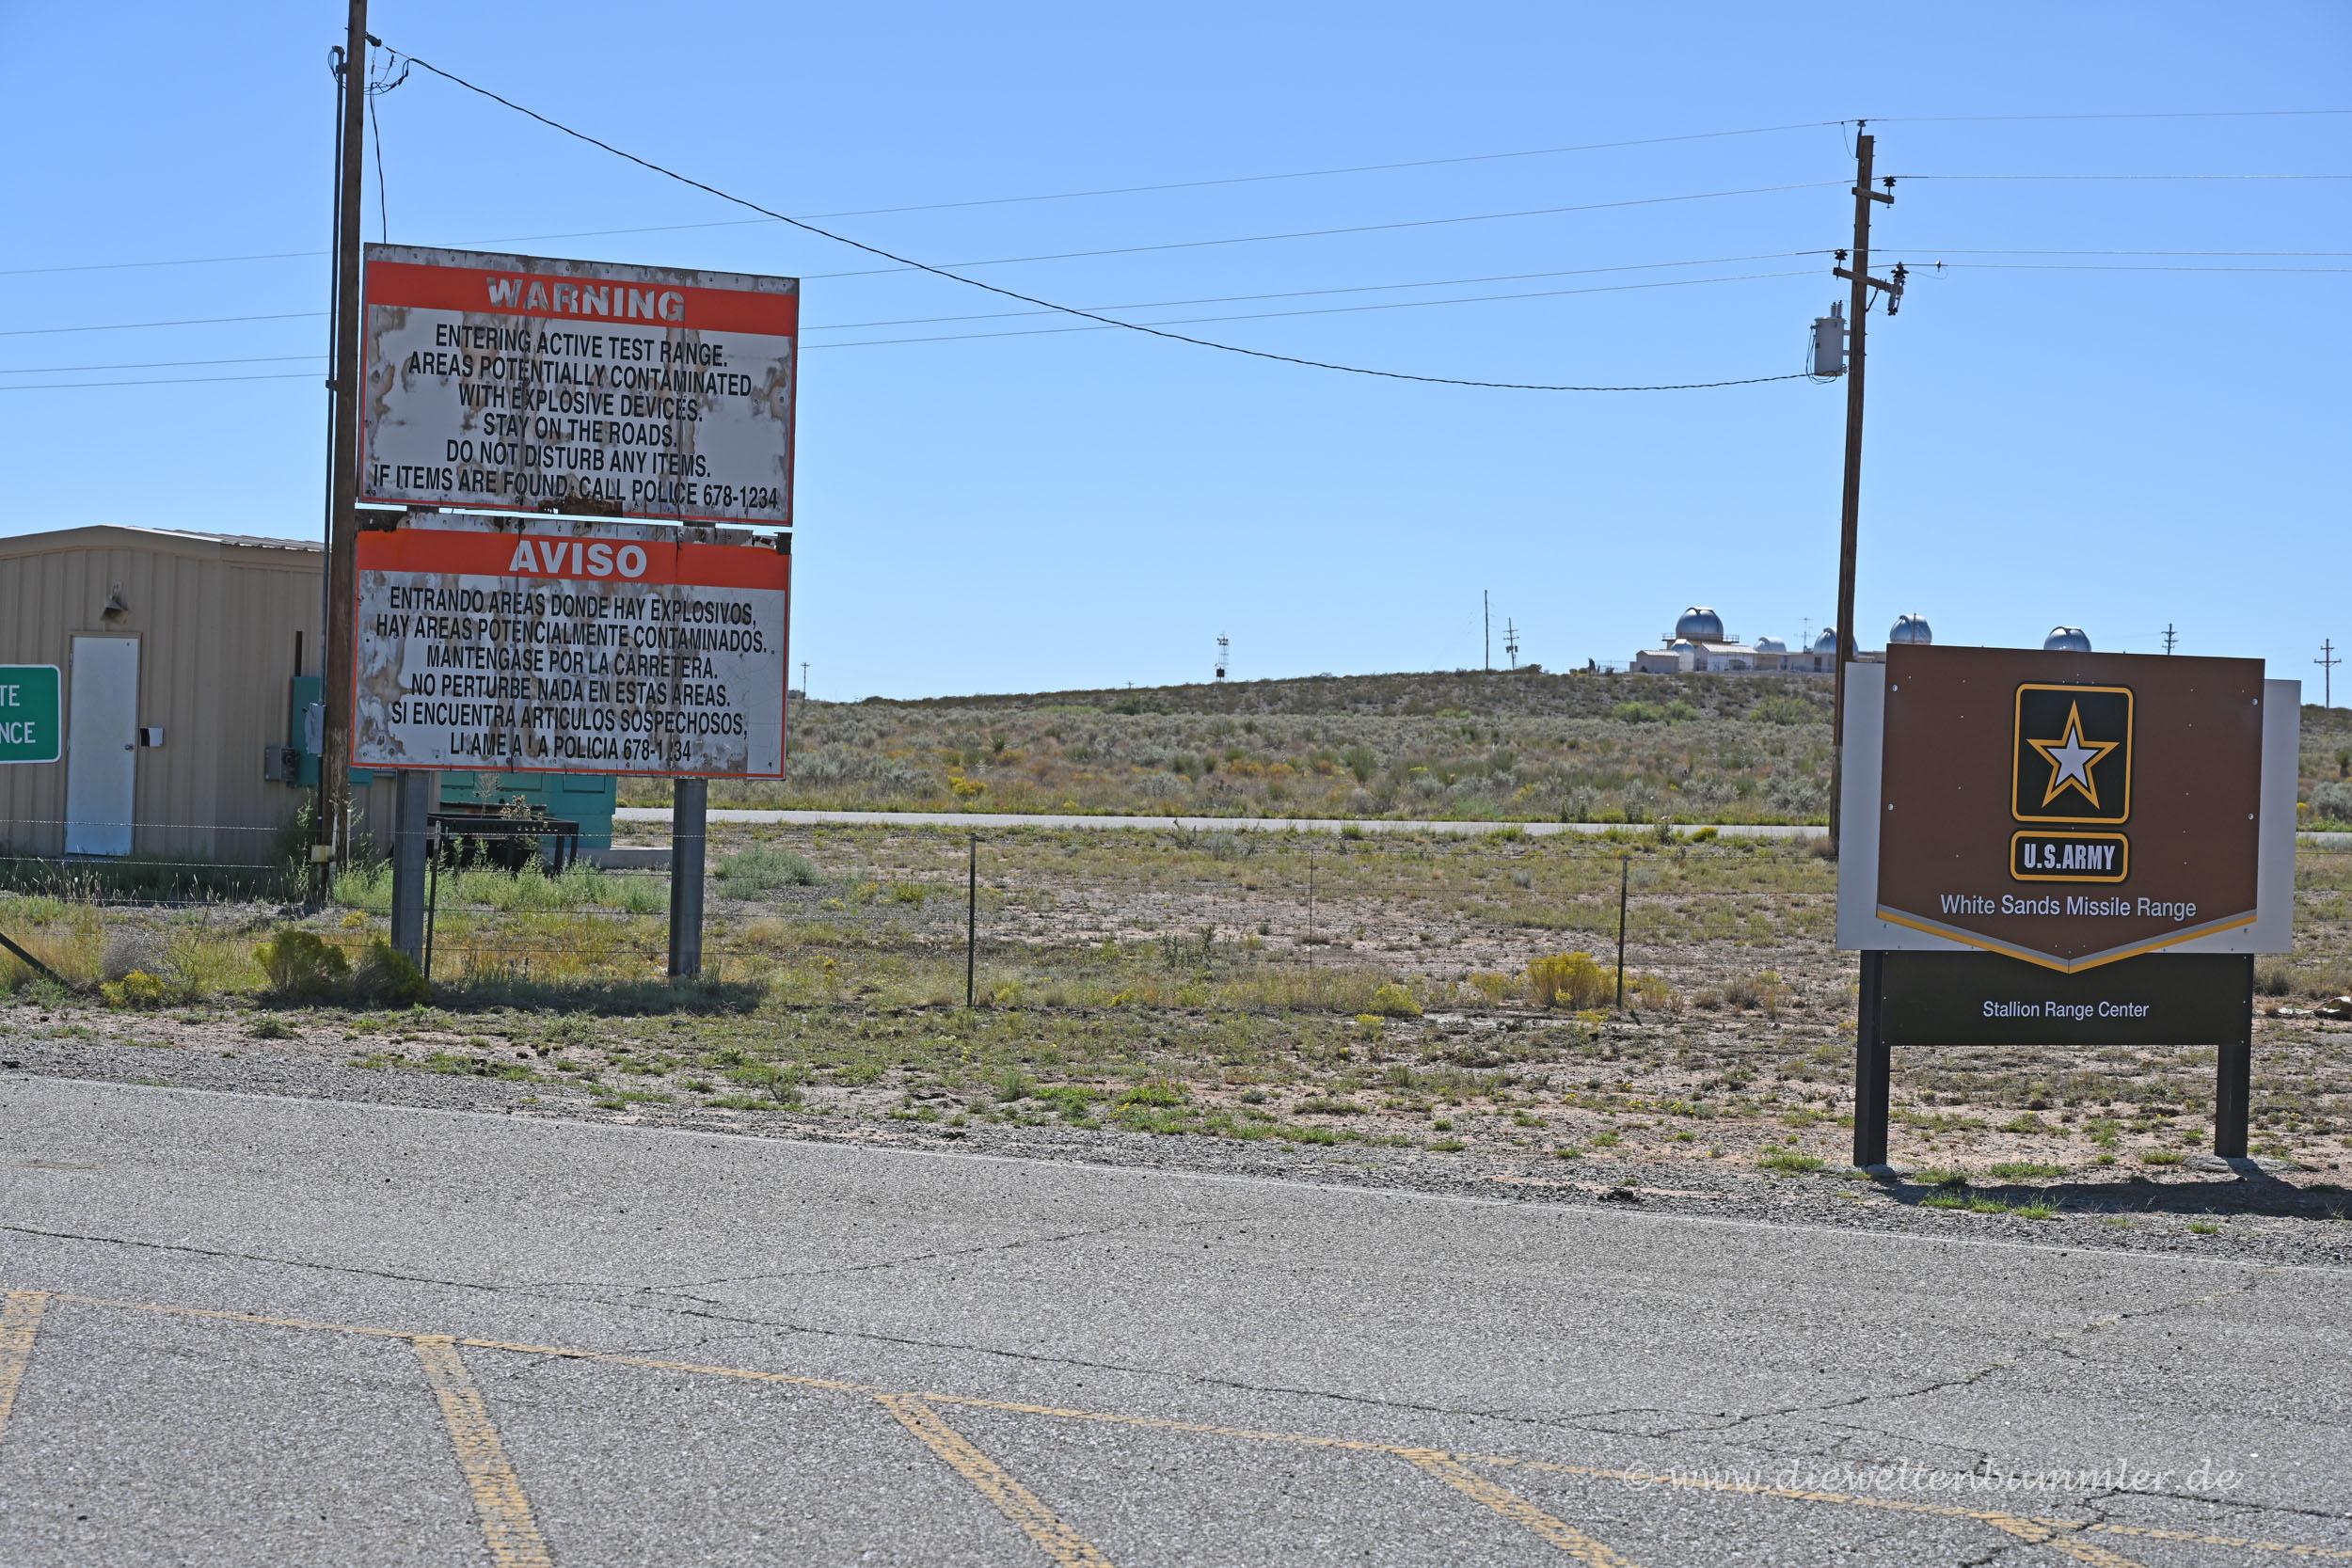 Zufahrt zur White Sands Missile Range